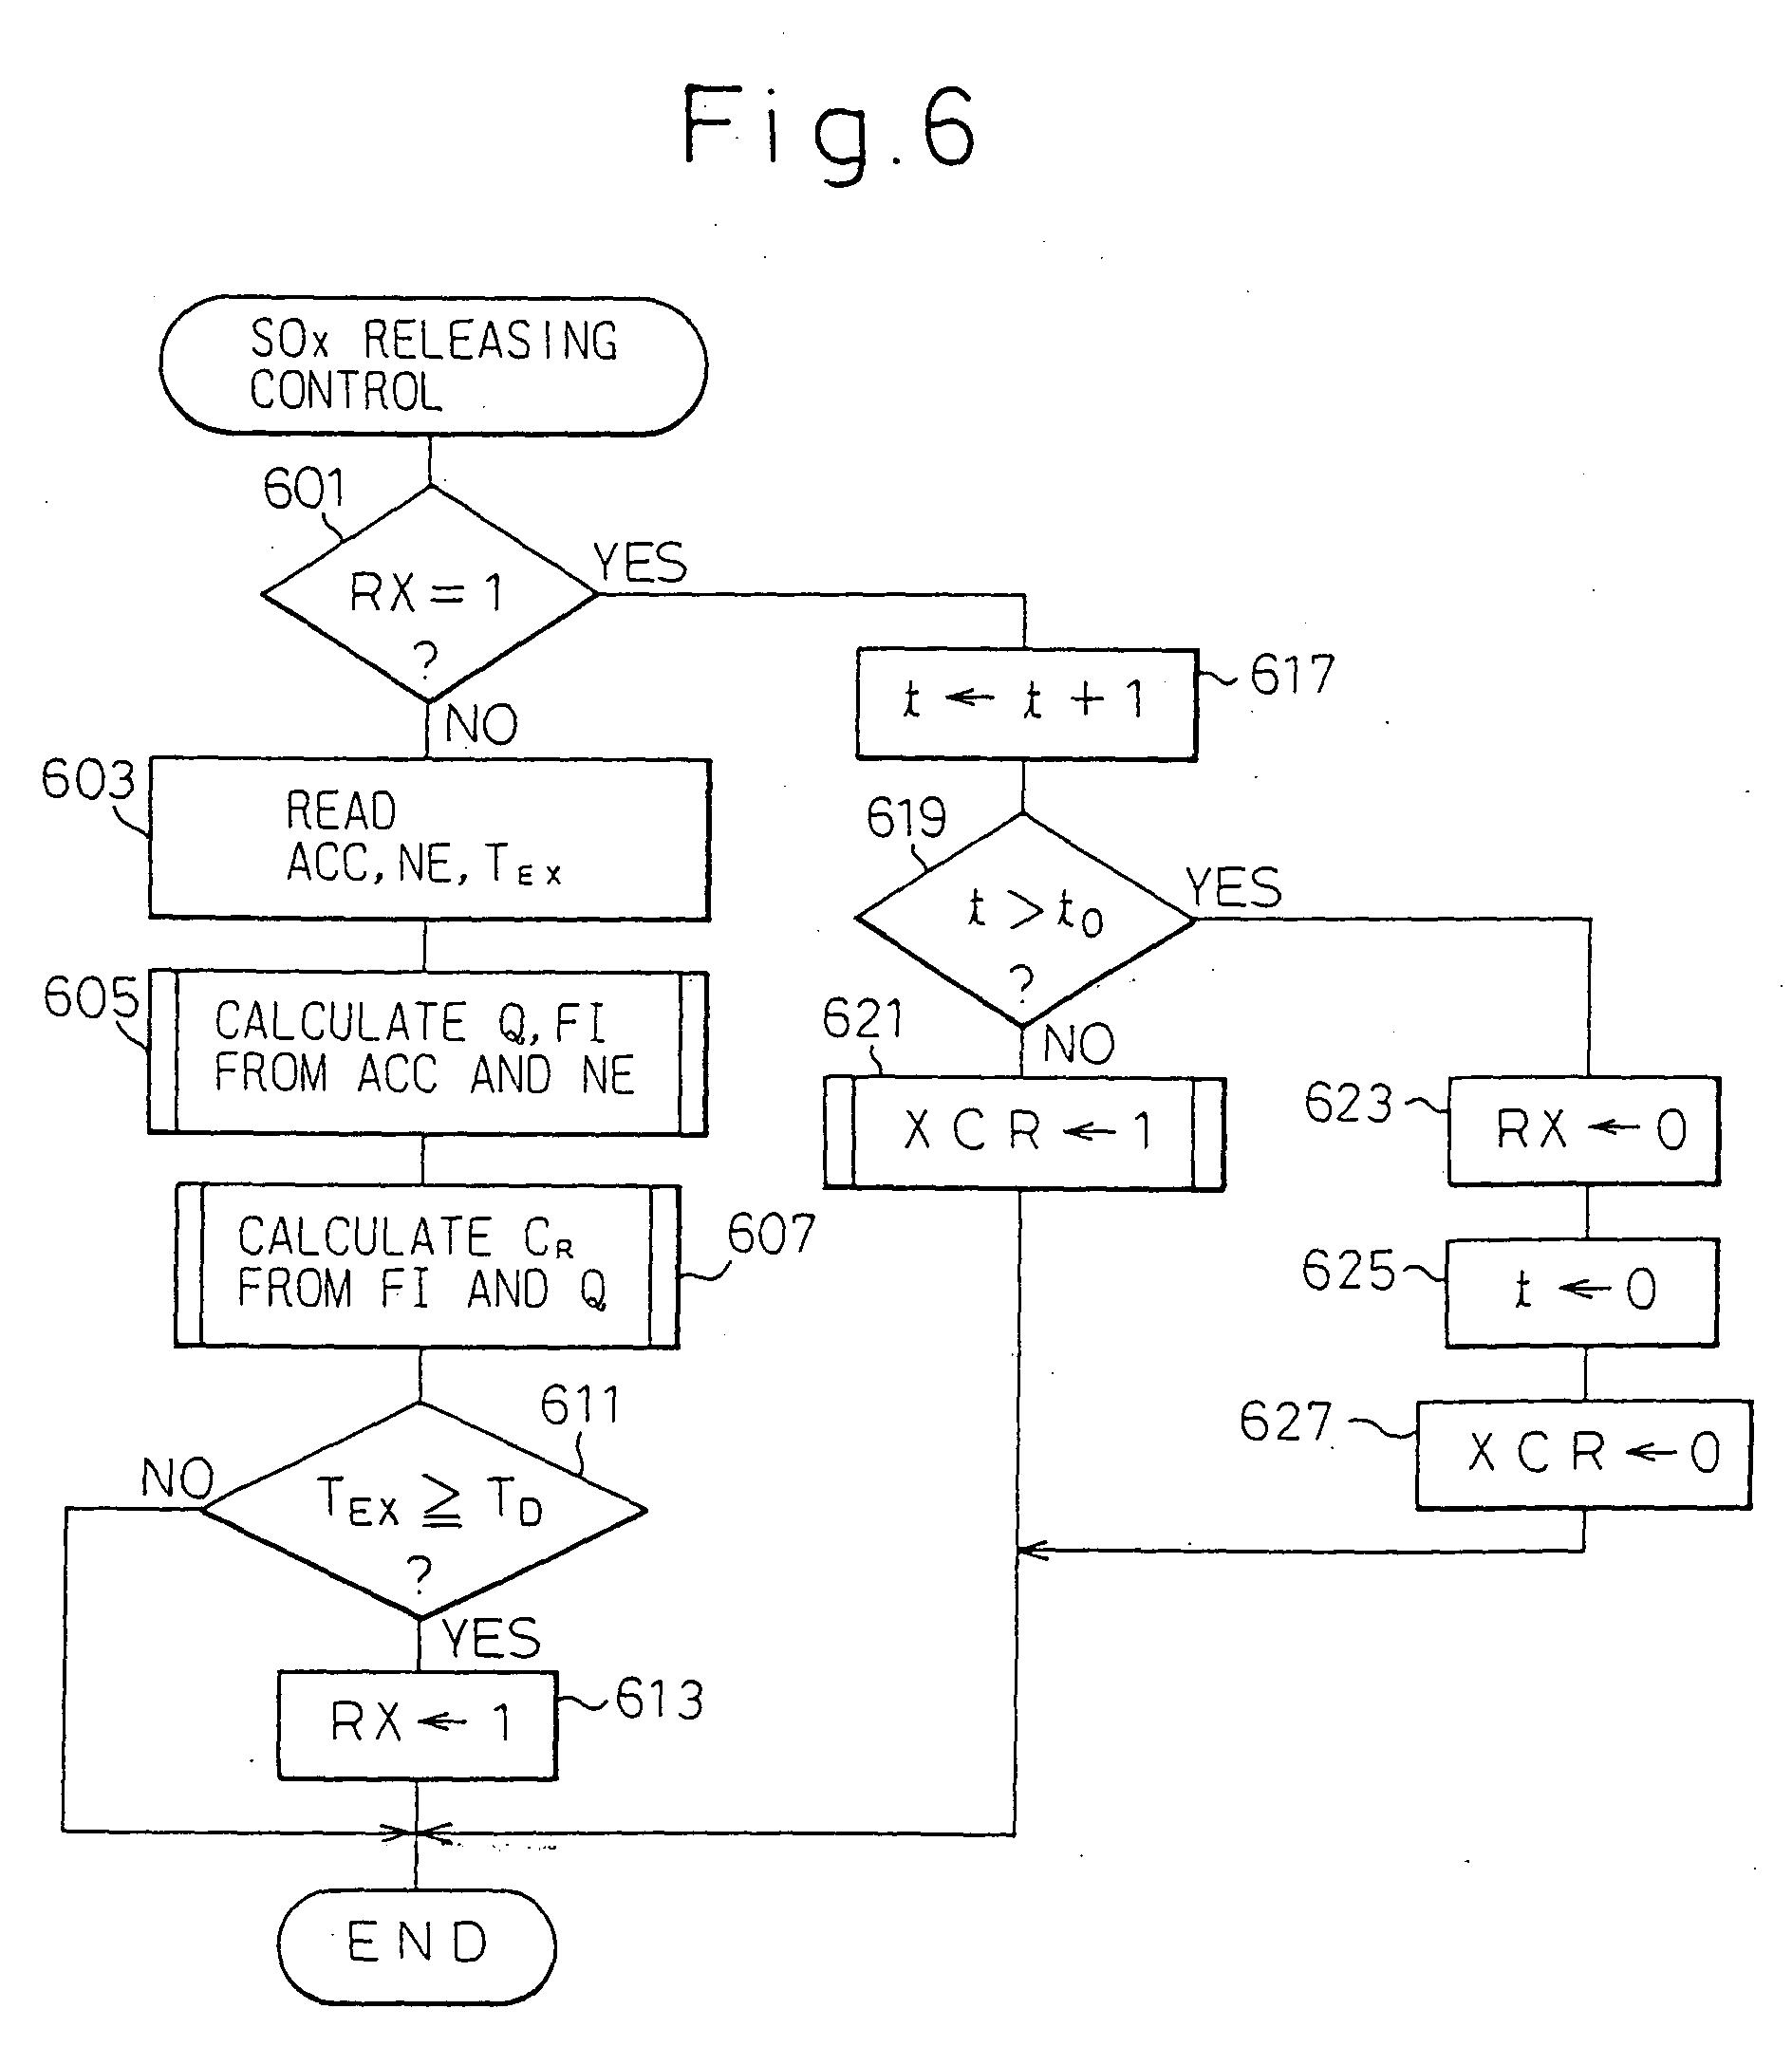 专利ep1410837a2 - a method